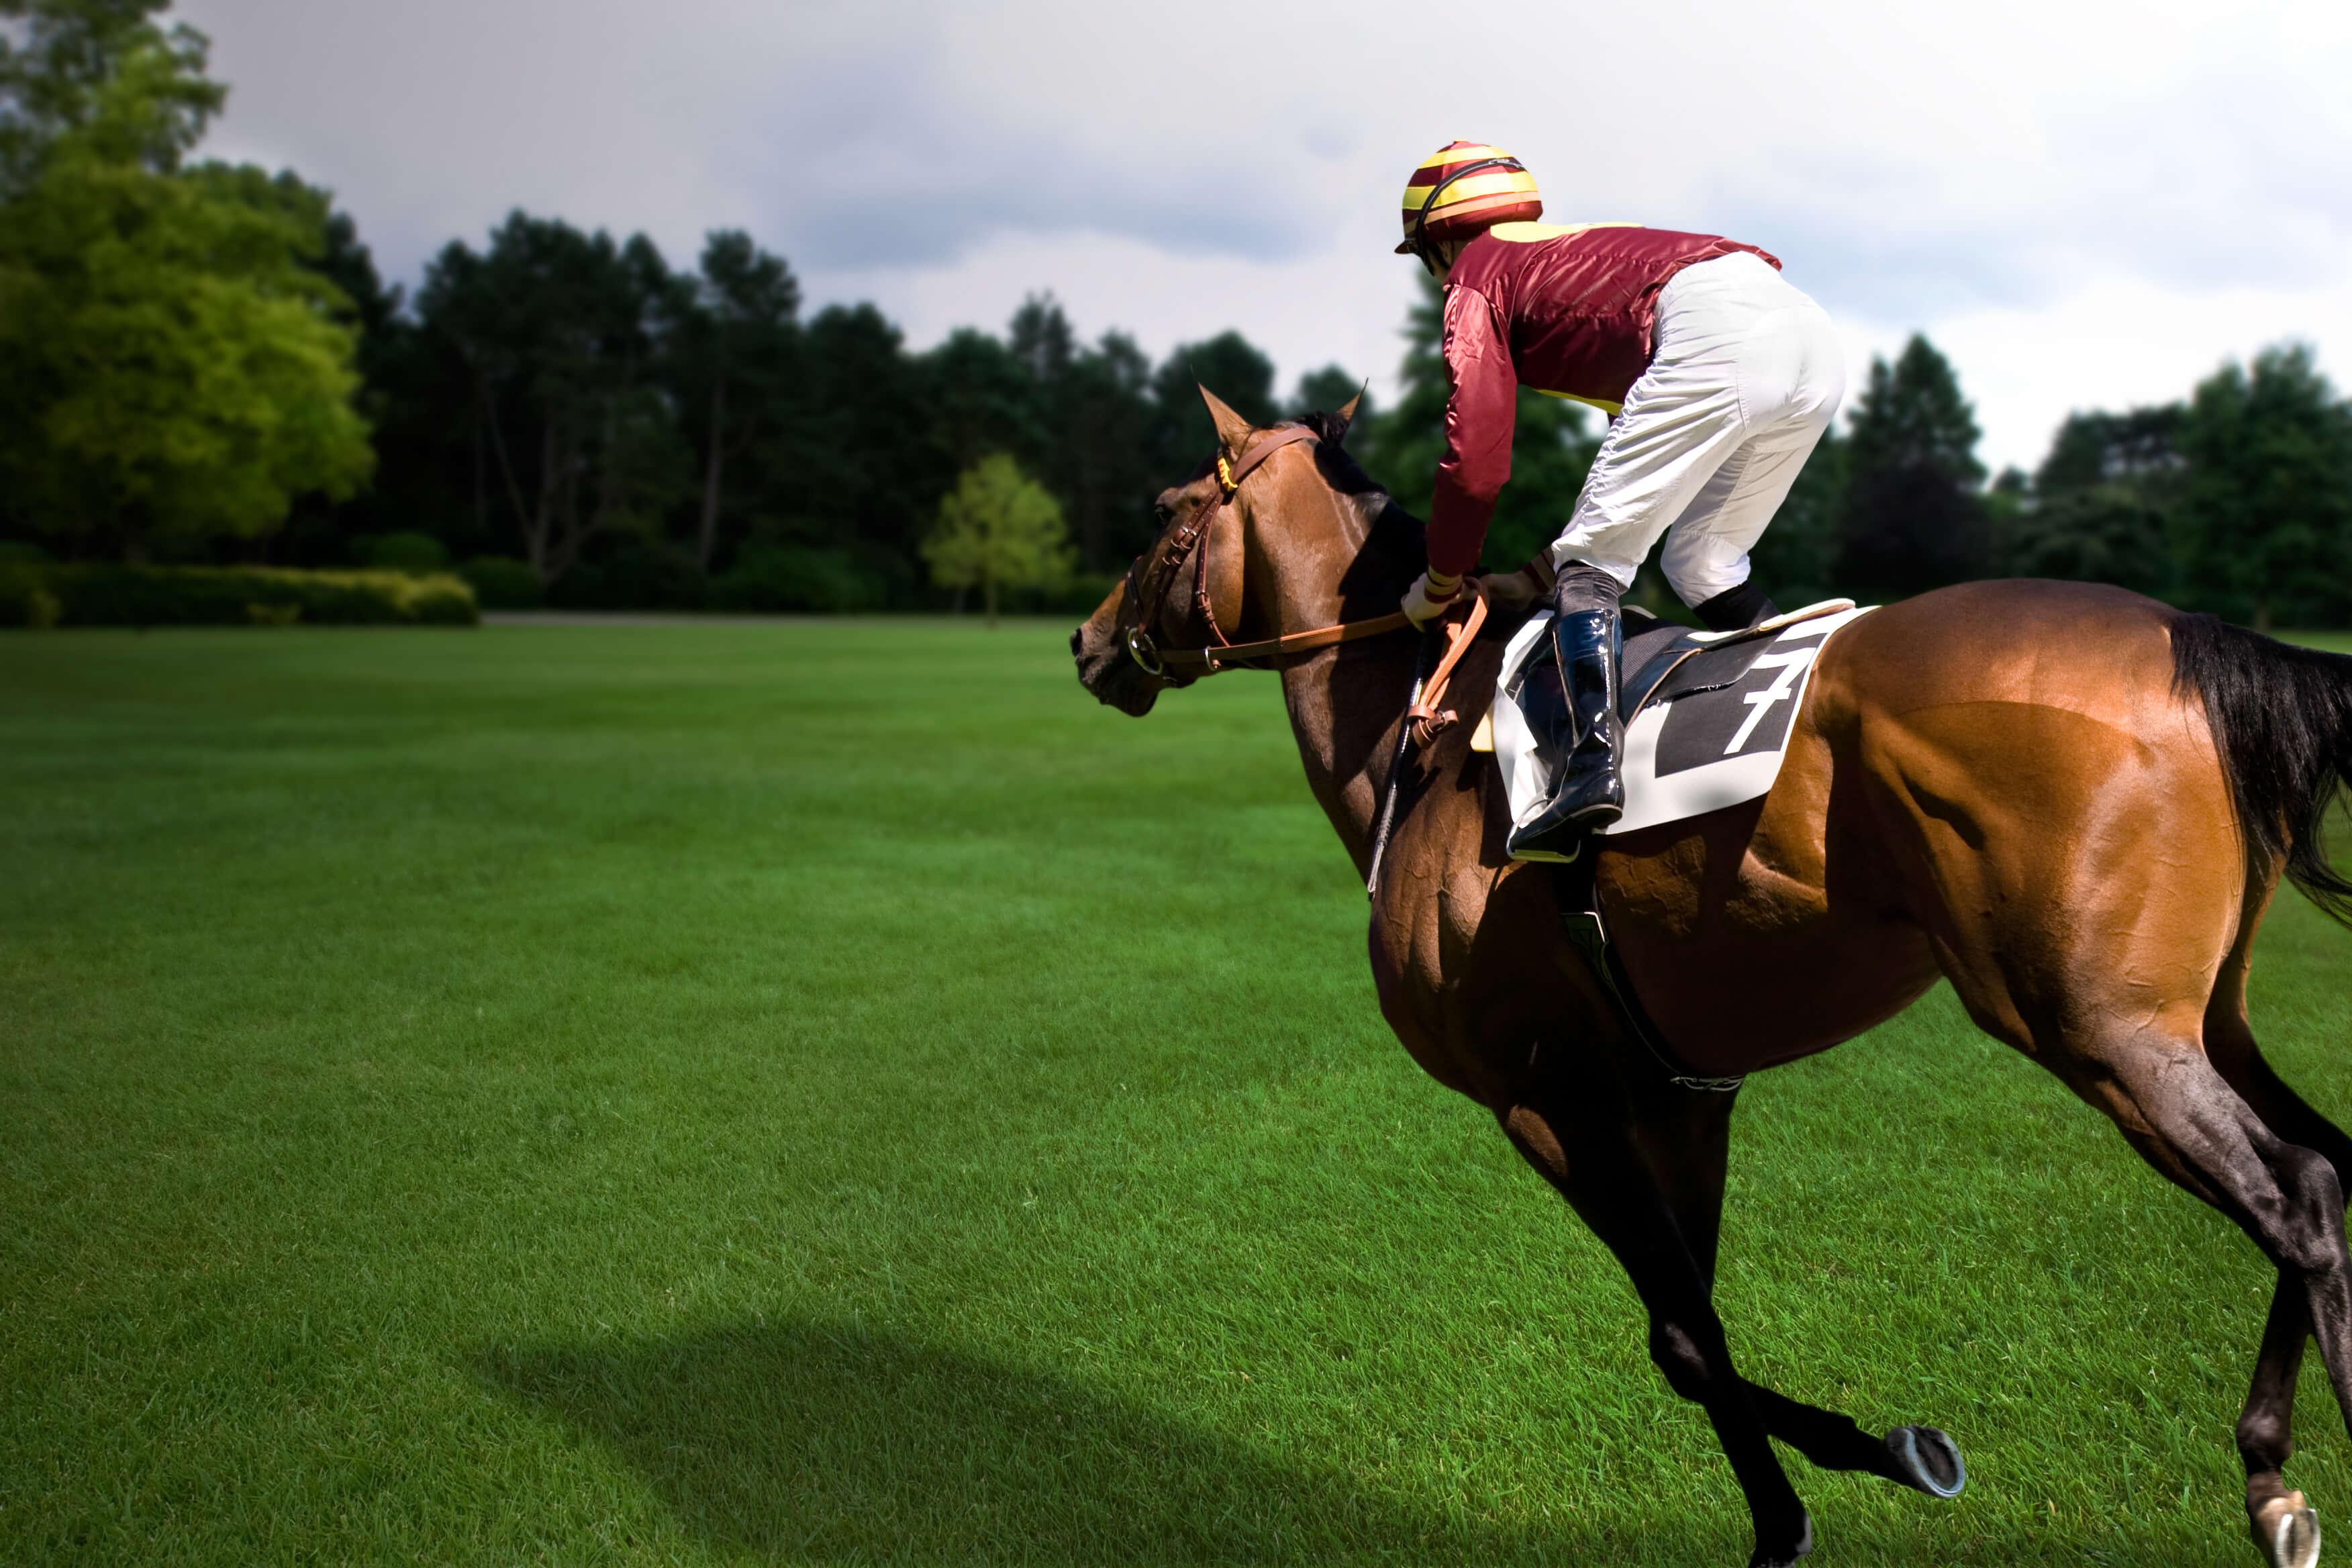 solo horse and jockey